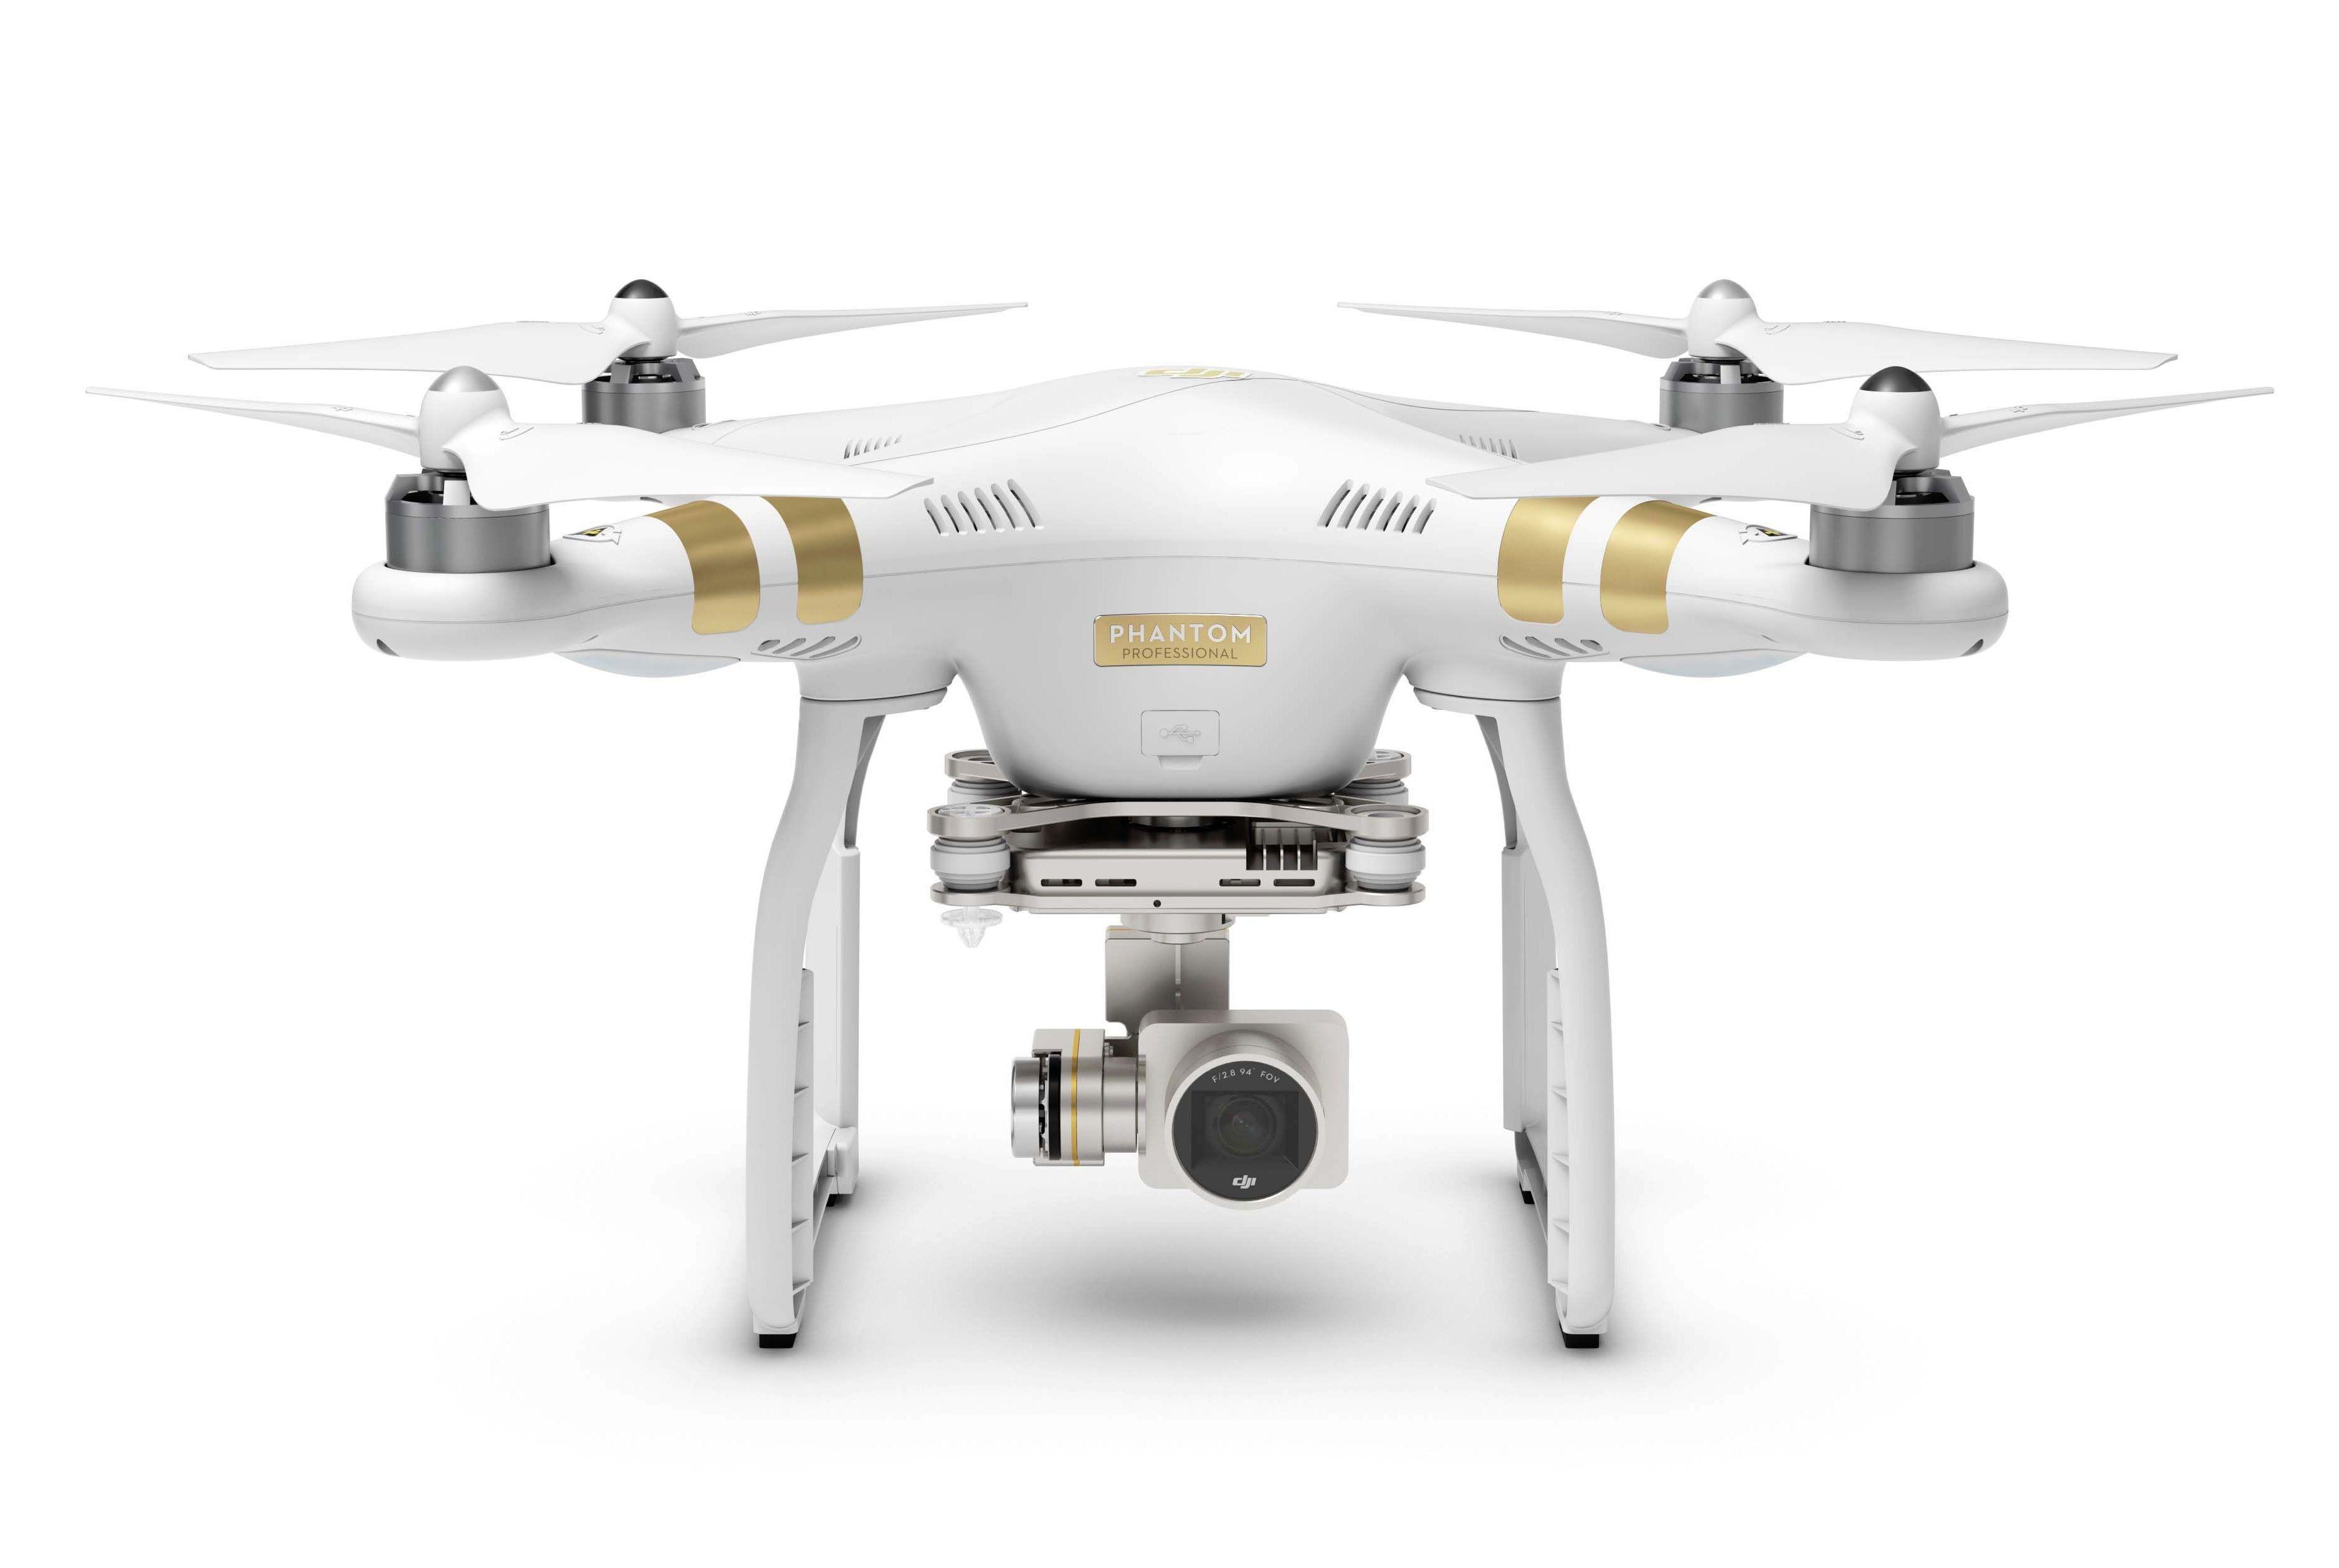 vente en ligne acheter mieux les ventes chaudes Drone DJI Phantom 3 Professional + accessoires | BIG-CE